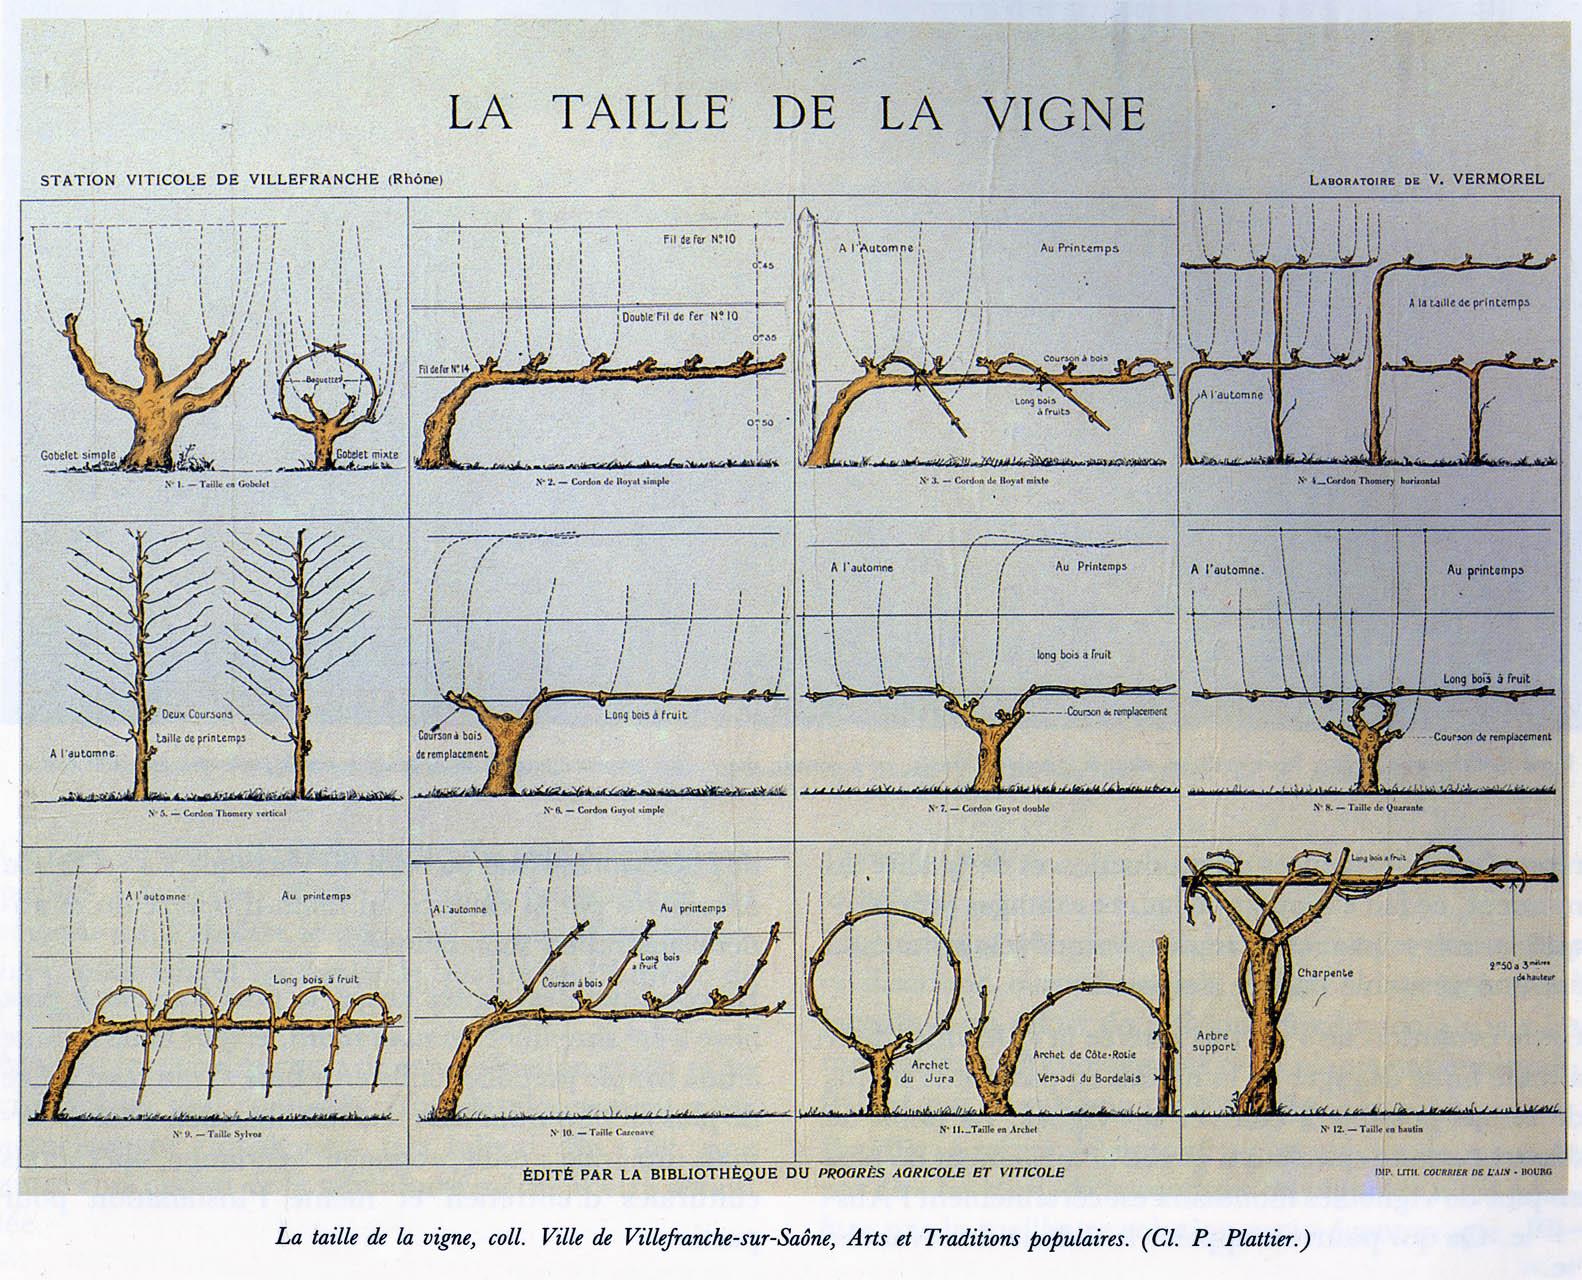 Culture de la vigne frise chronologique histoire du vin - Entretien de la vigne ...